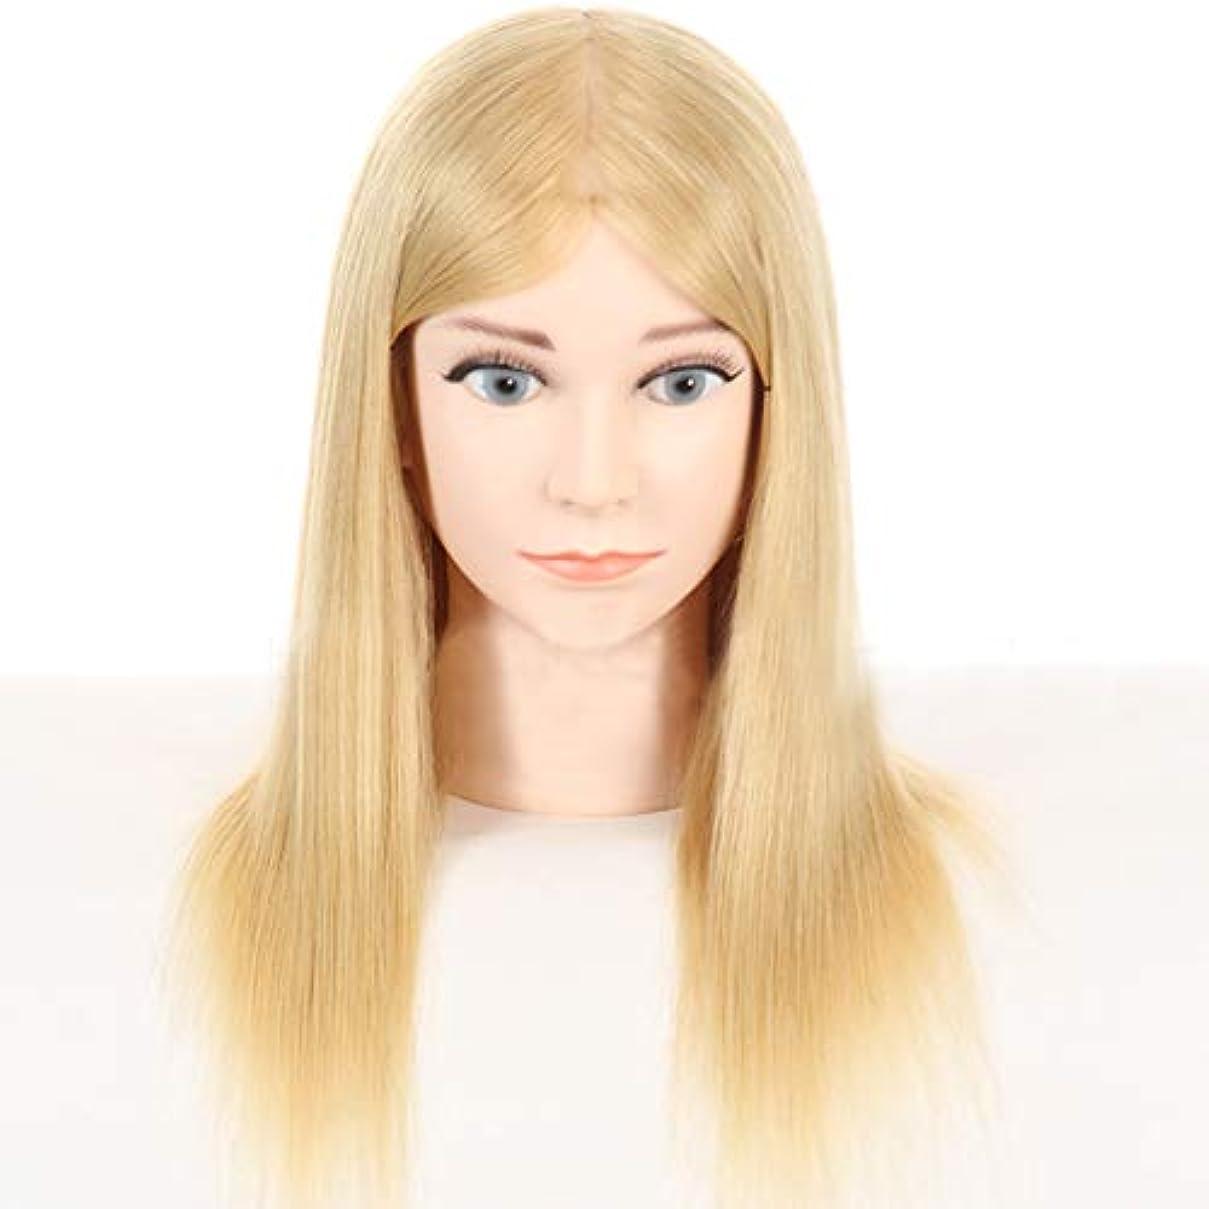 出席するアーティキュレーション義務本物の人間の髪のかつらの頭の金型の理髪の髪型のスタイリングマネキンの頭の理髪店の練習の練習ダミーヘッド